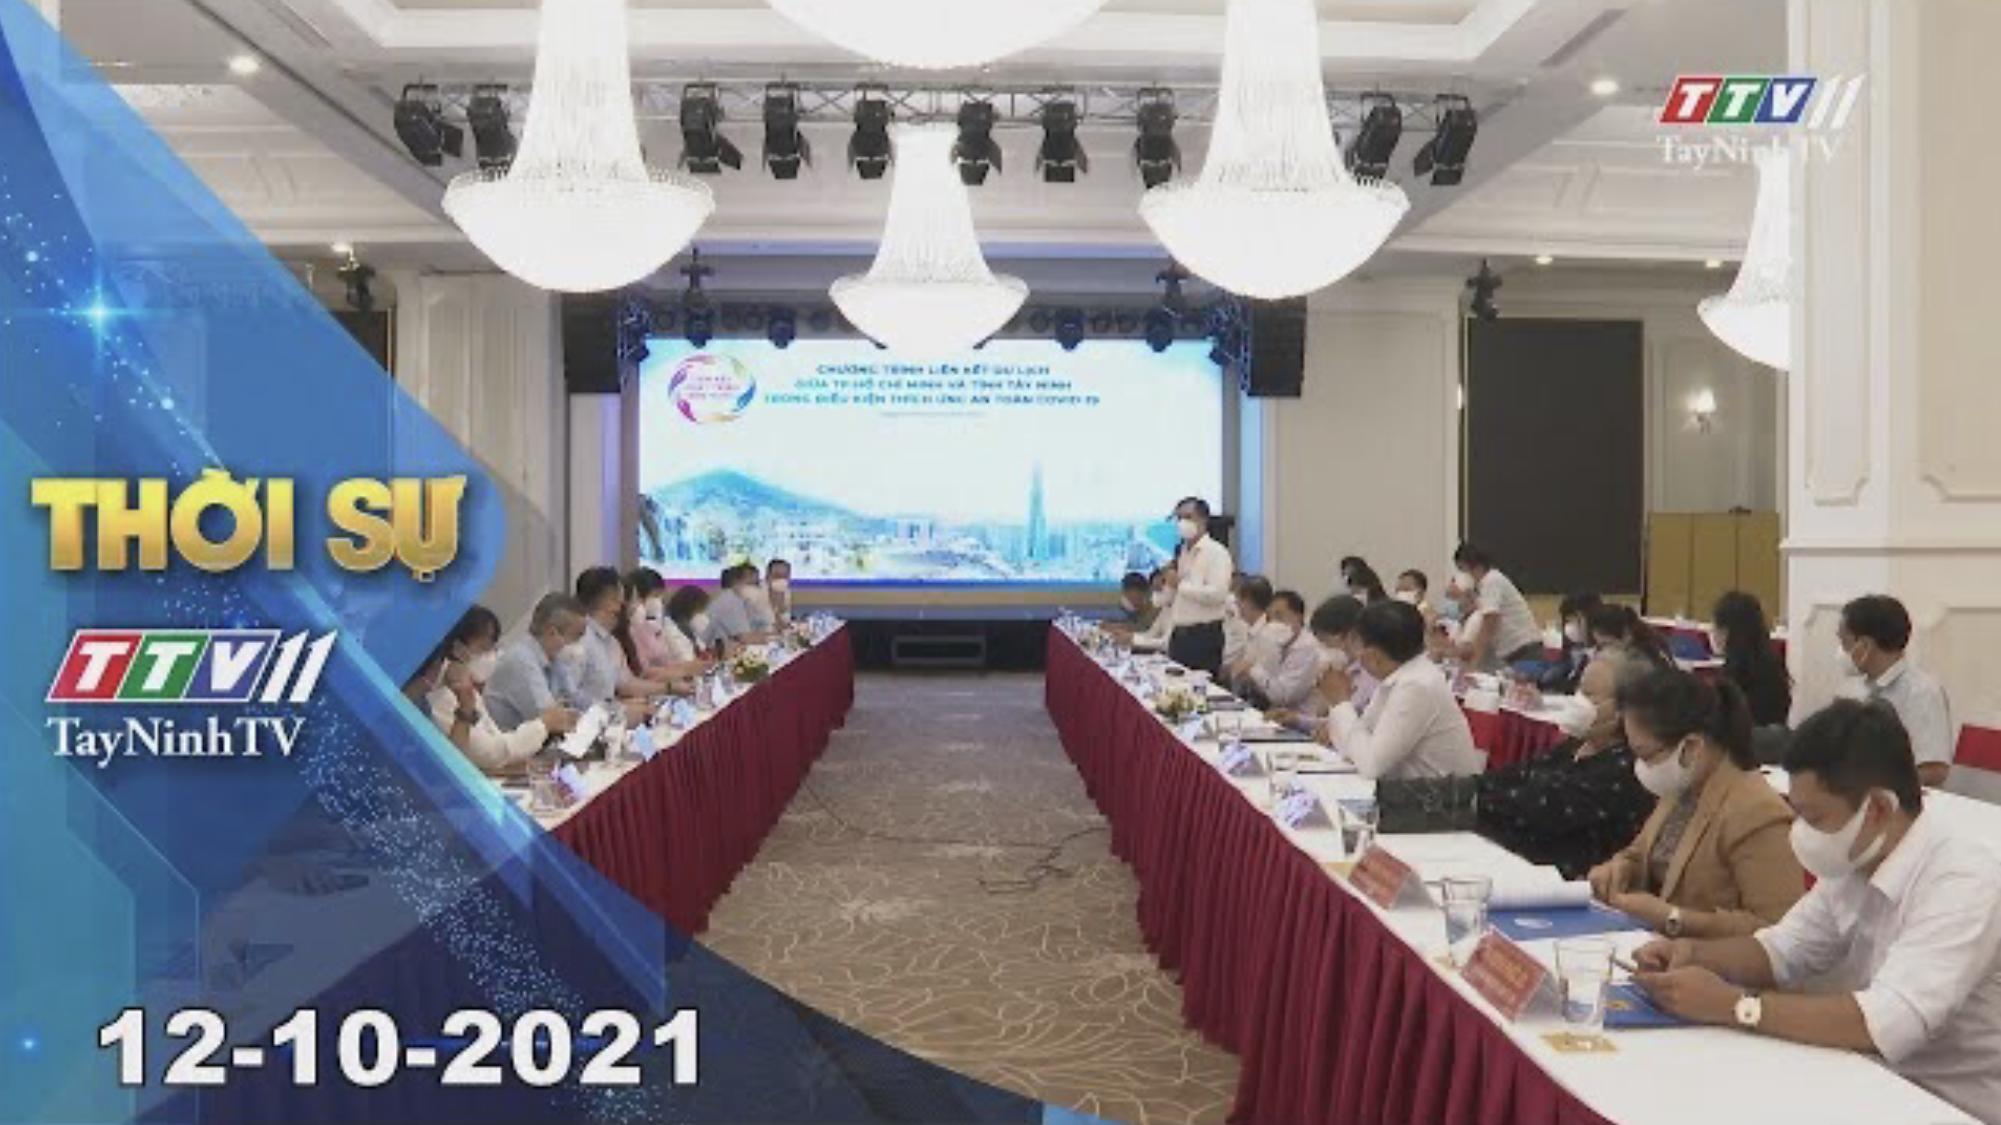 THỜI SỰ TÂY NINH 12/10/2021 | Tin tức hôm nay | TayNinhTV